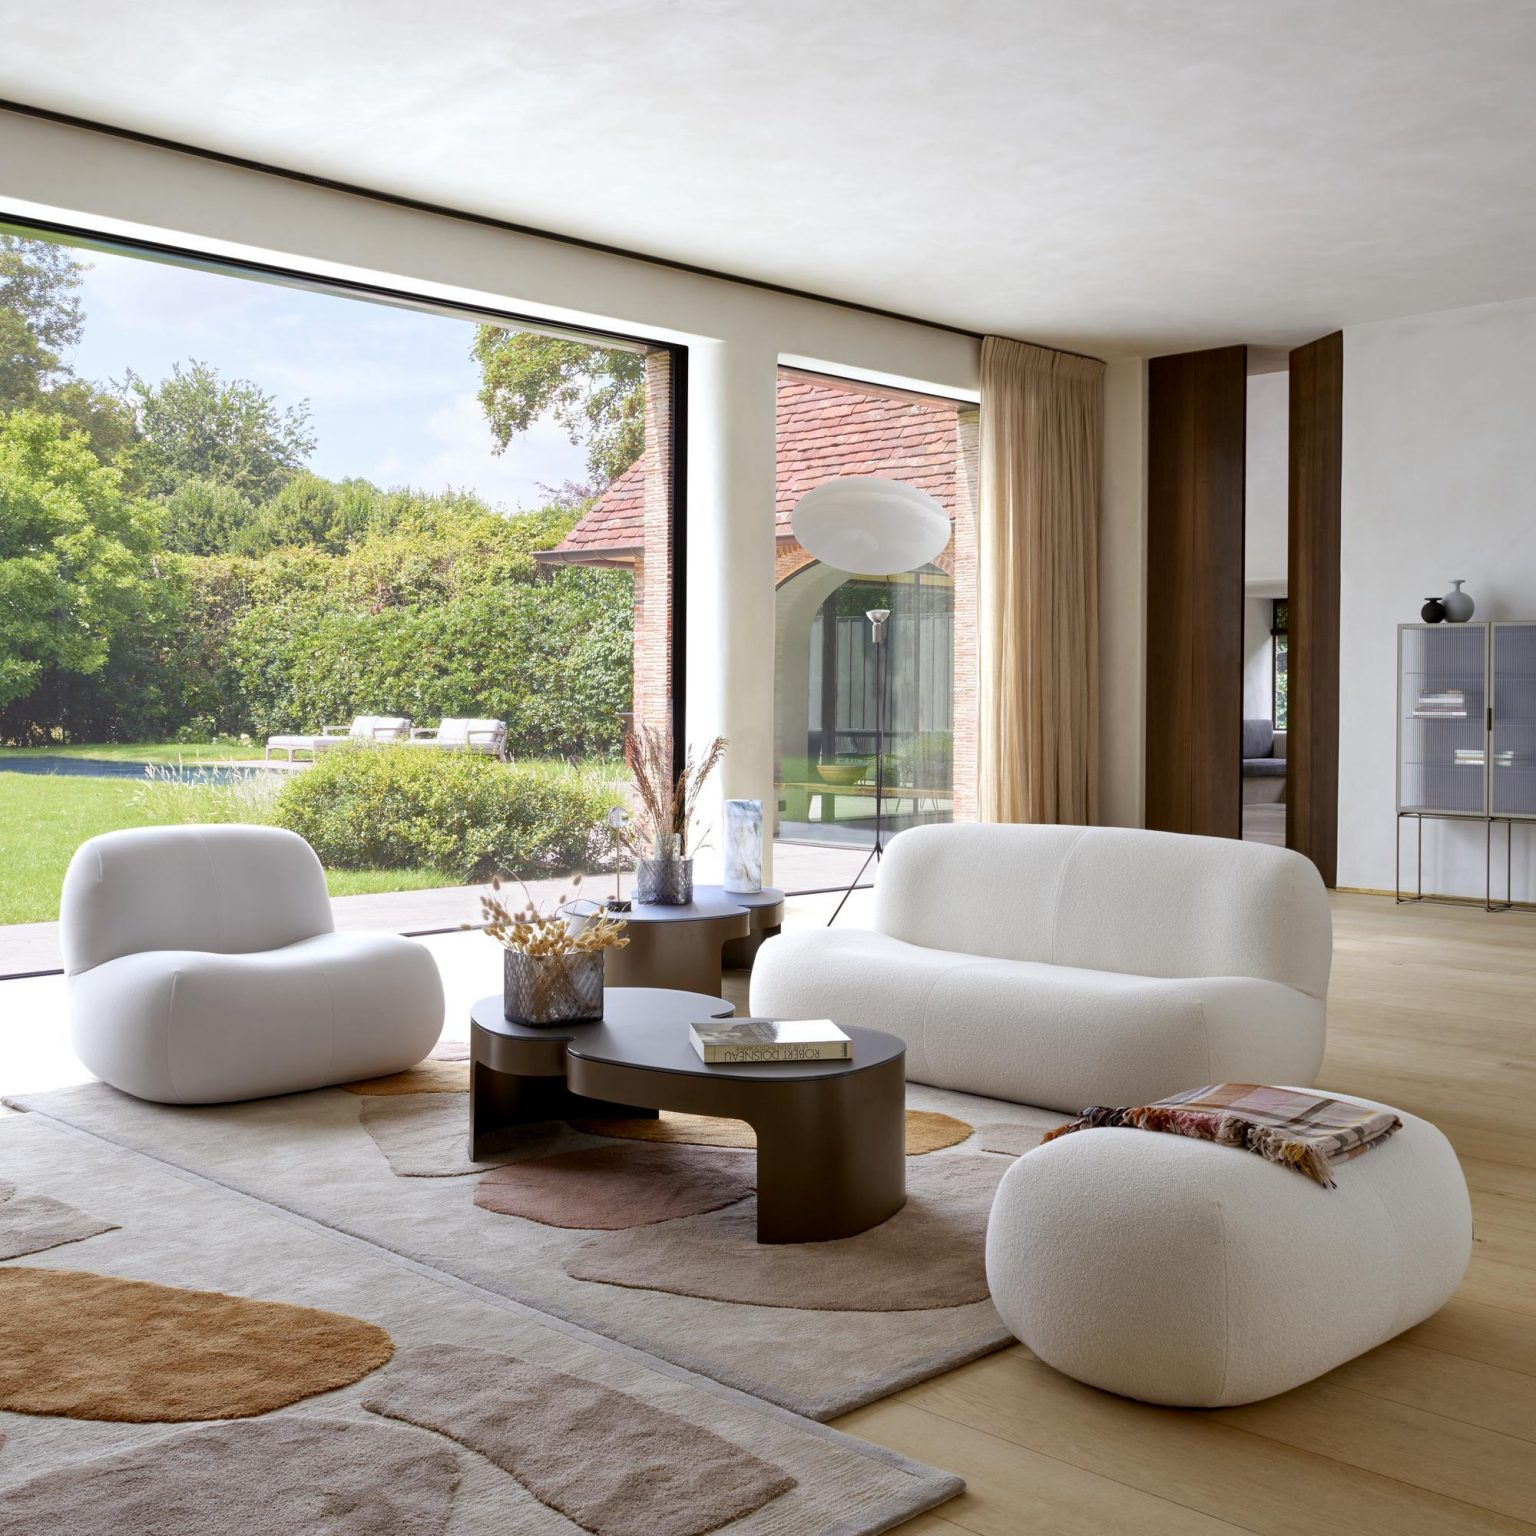 Biennale Interieur - Belgium's leading design and interior event - Pukkasfeer.jpg